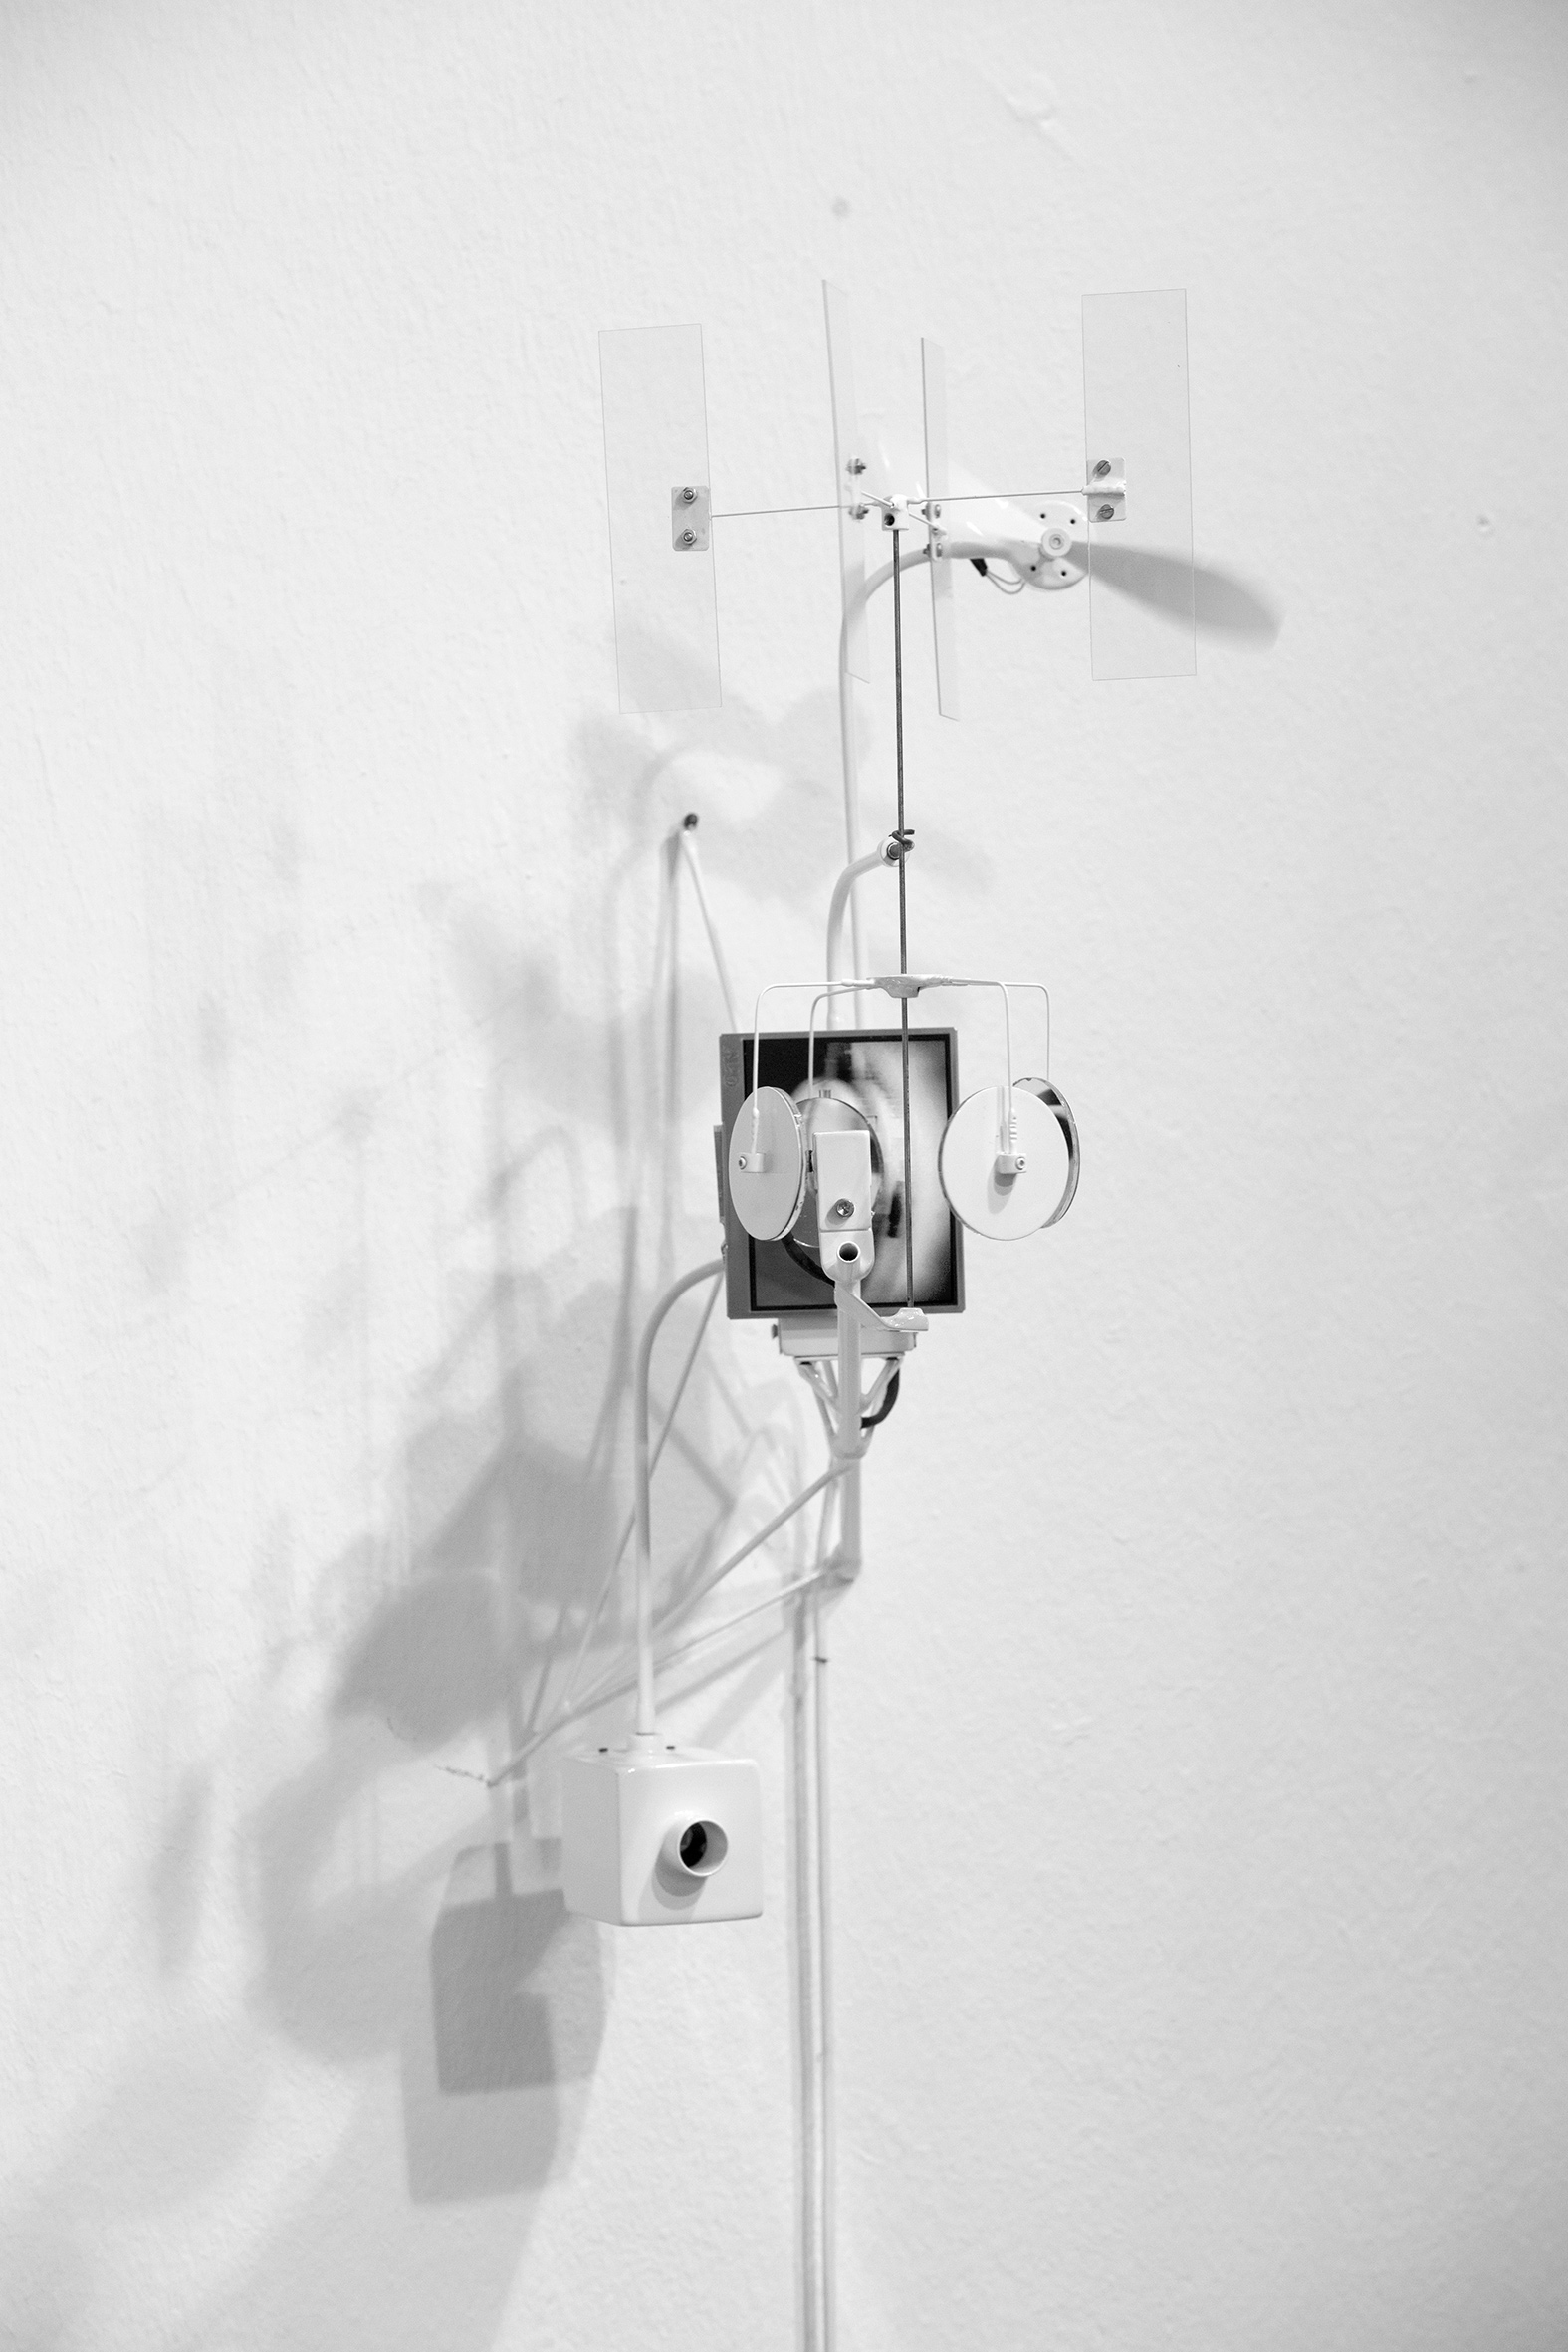 Schuelke-Bjoern-Vision-Machine-7-2016-web.jpg